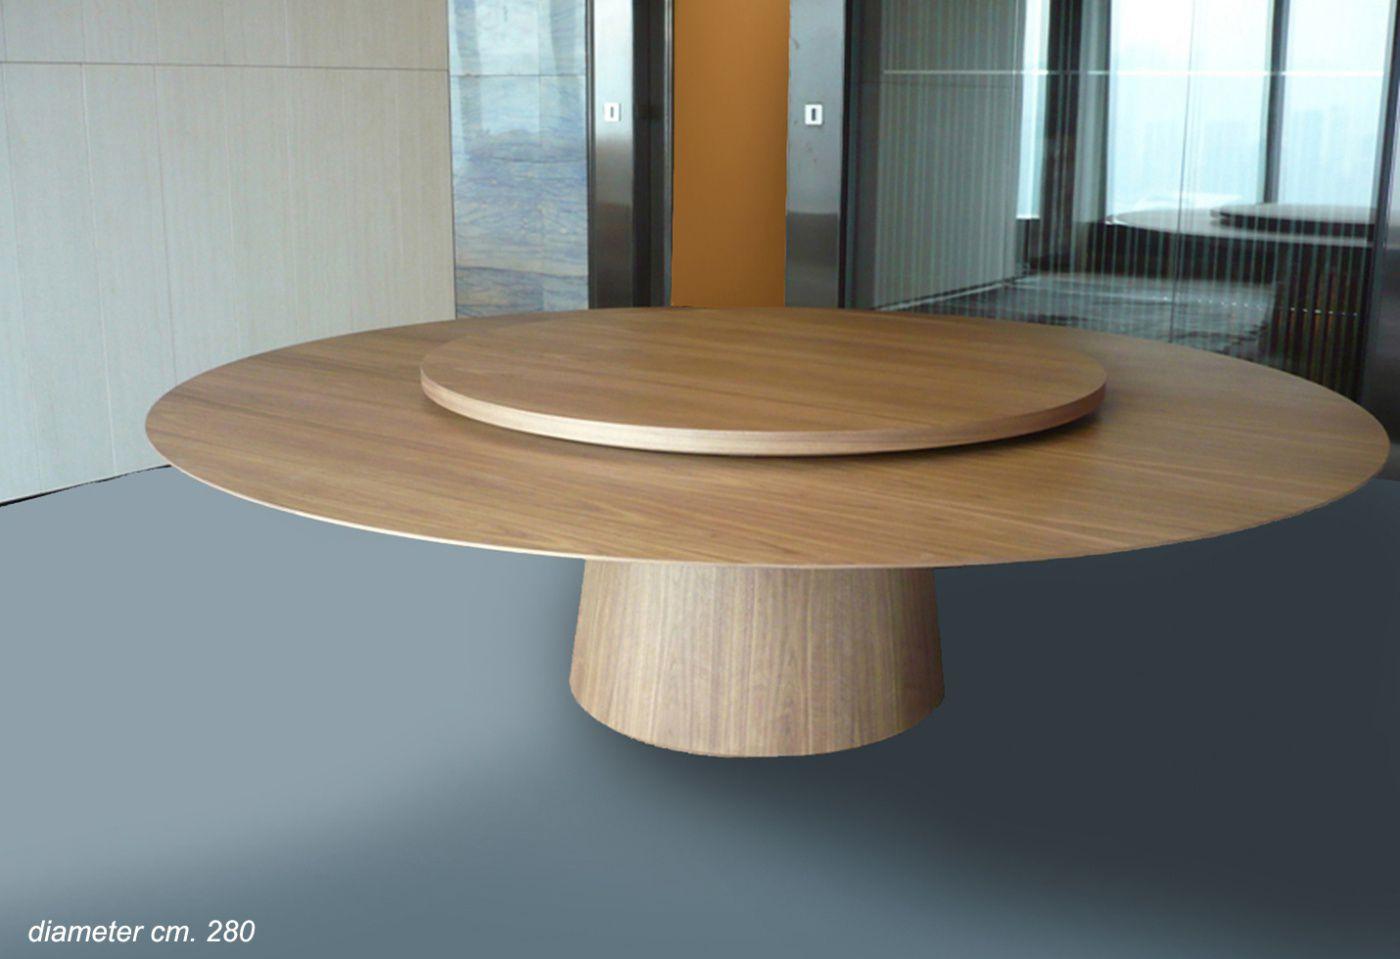 mesa moderna de madera redonda de ferruccio laviani lazy susan emmemobili tagliabue daniele